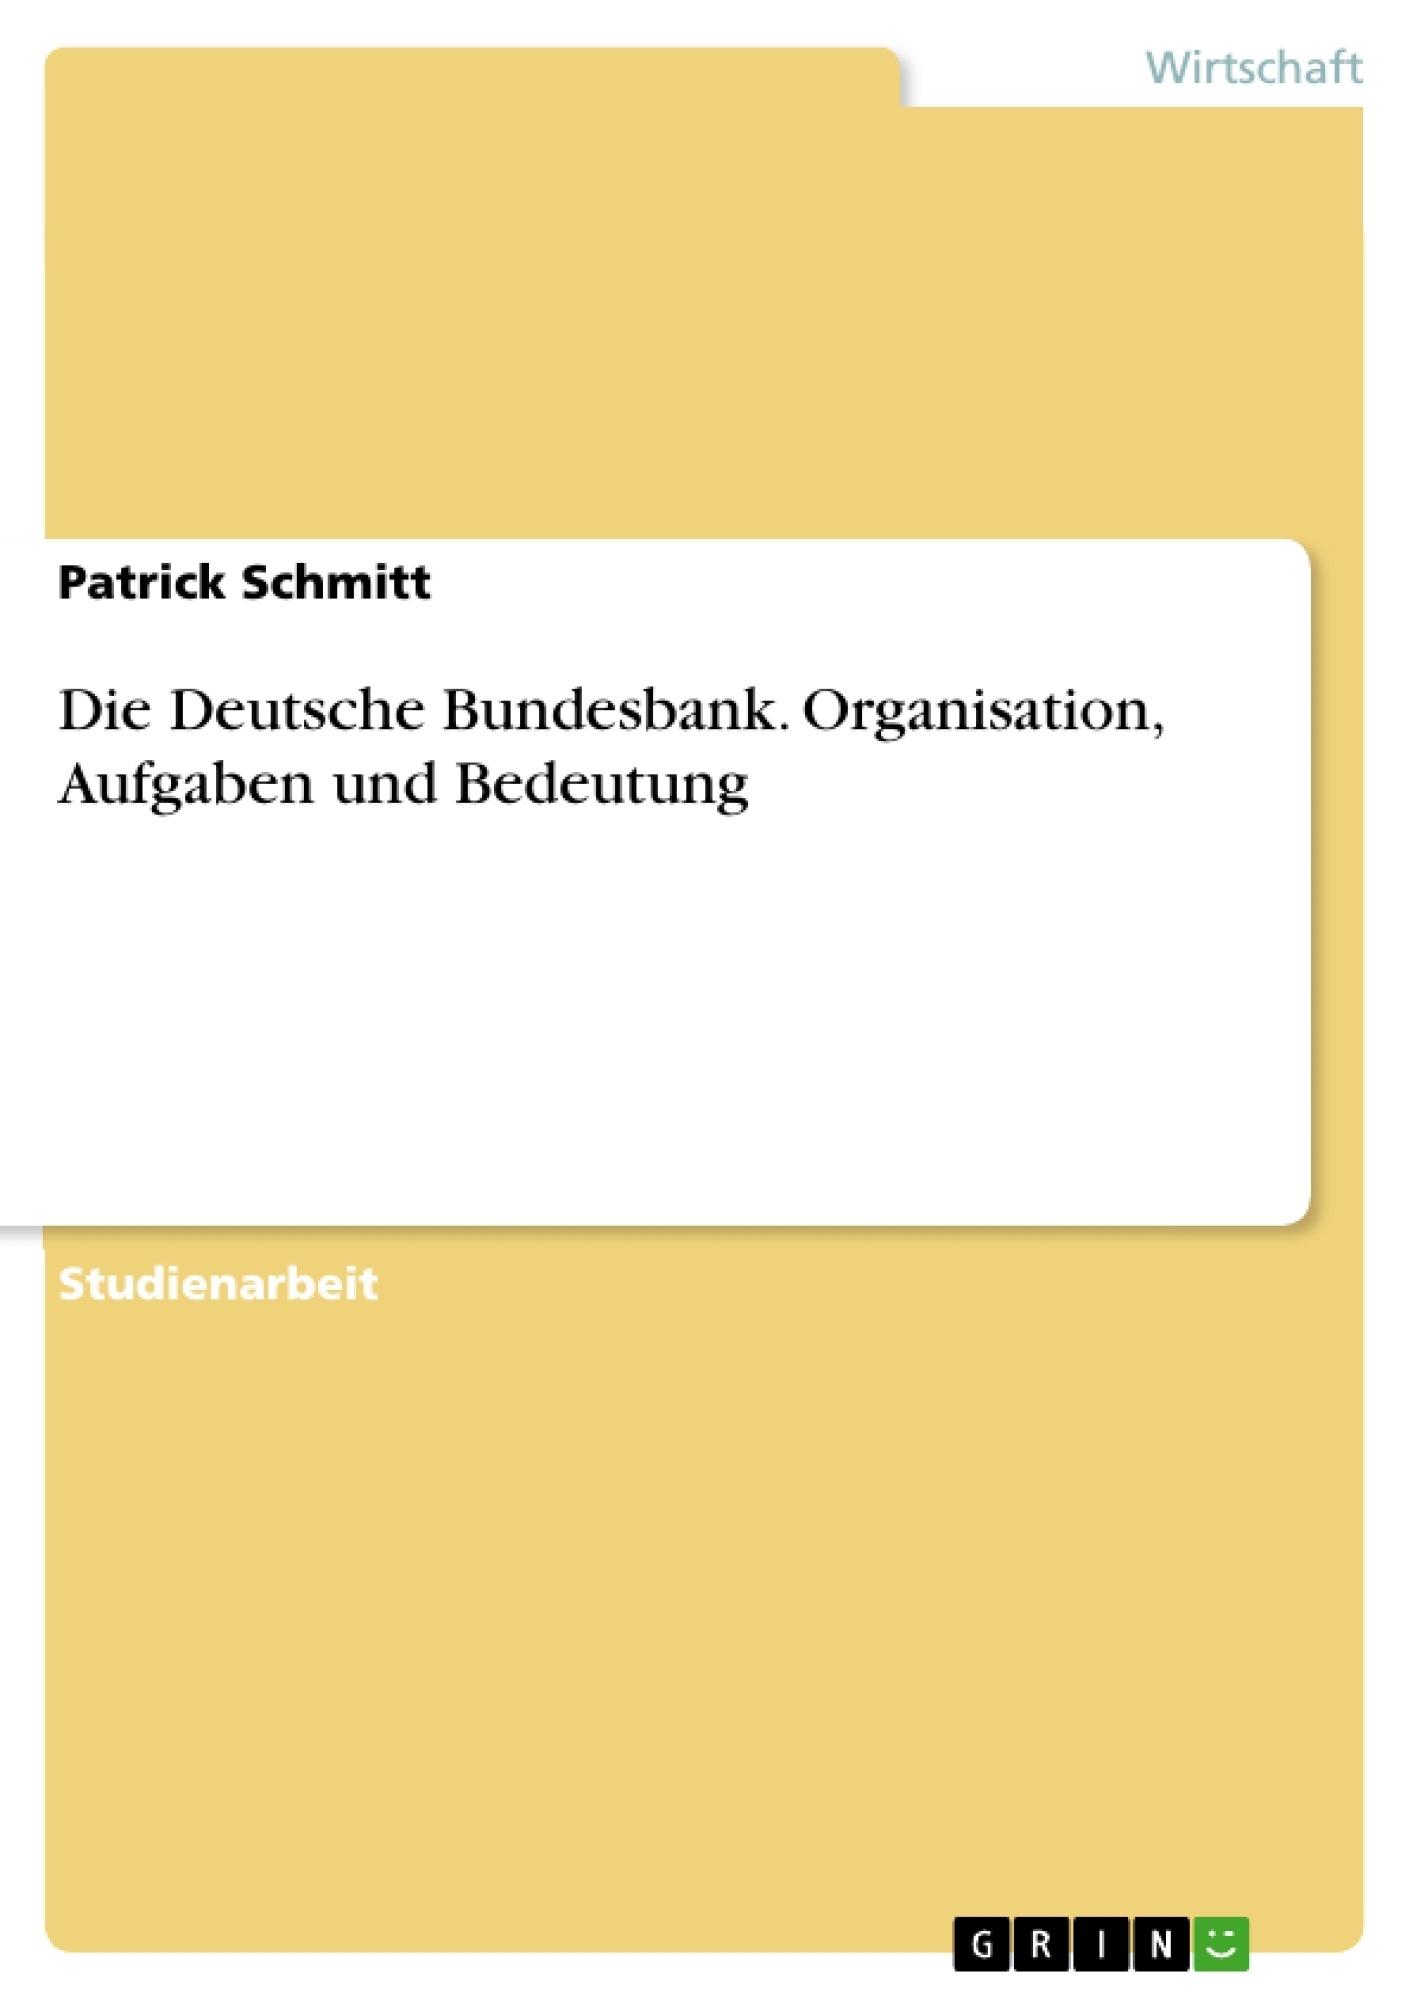 Titel: Die Deutsche Bundesbank. Organisation, Aufgaben und Bedeutung